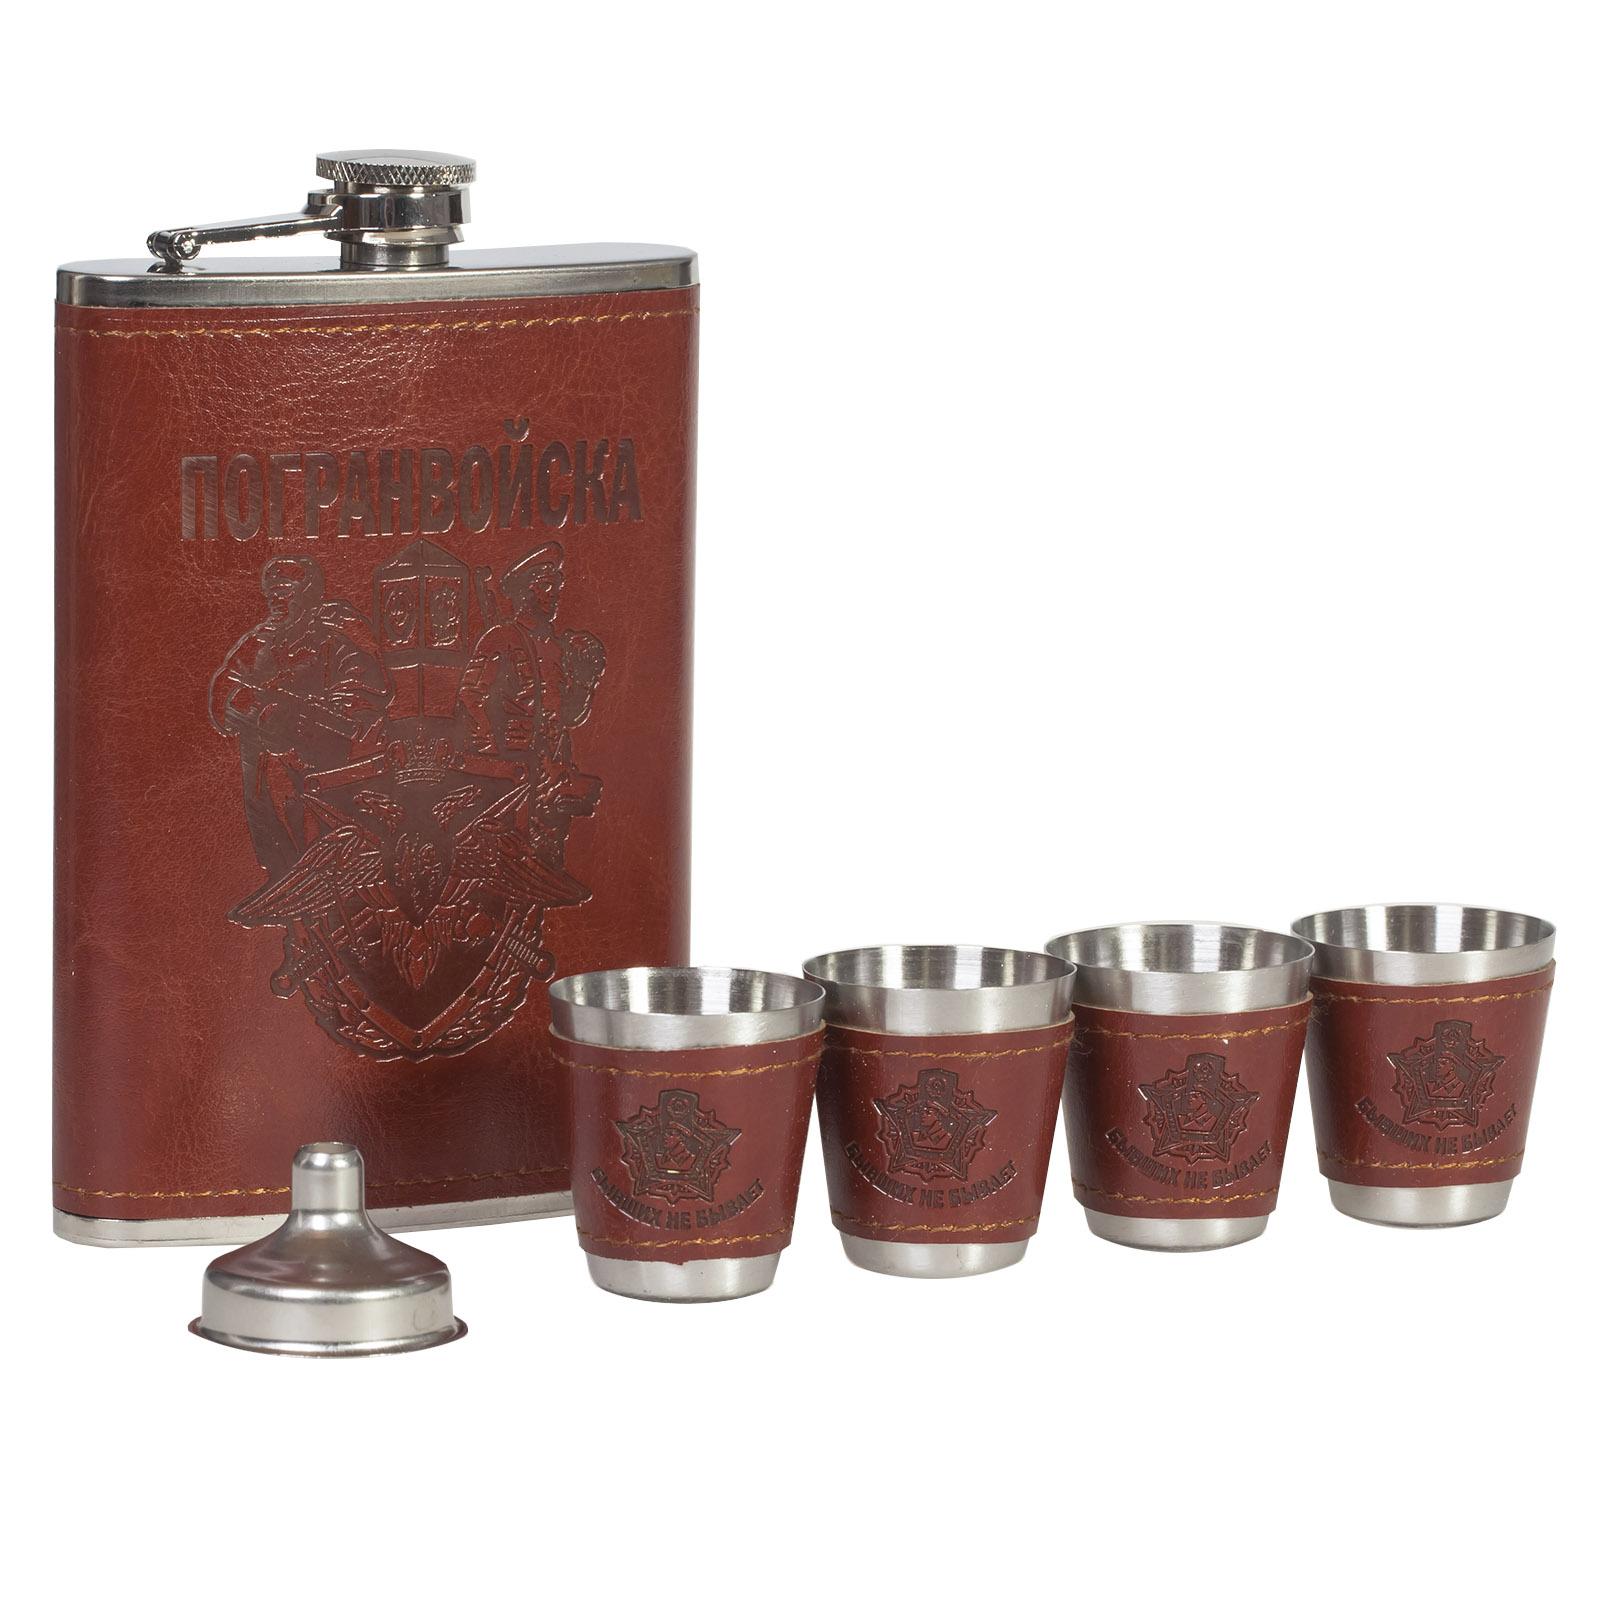 Фляги для алкоголя оптом и в розницу: наборами и отдельно